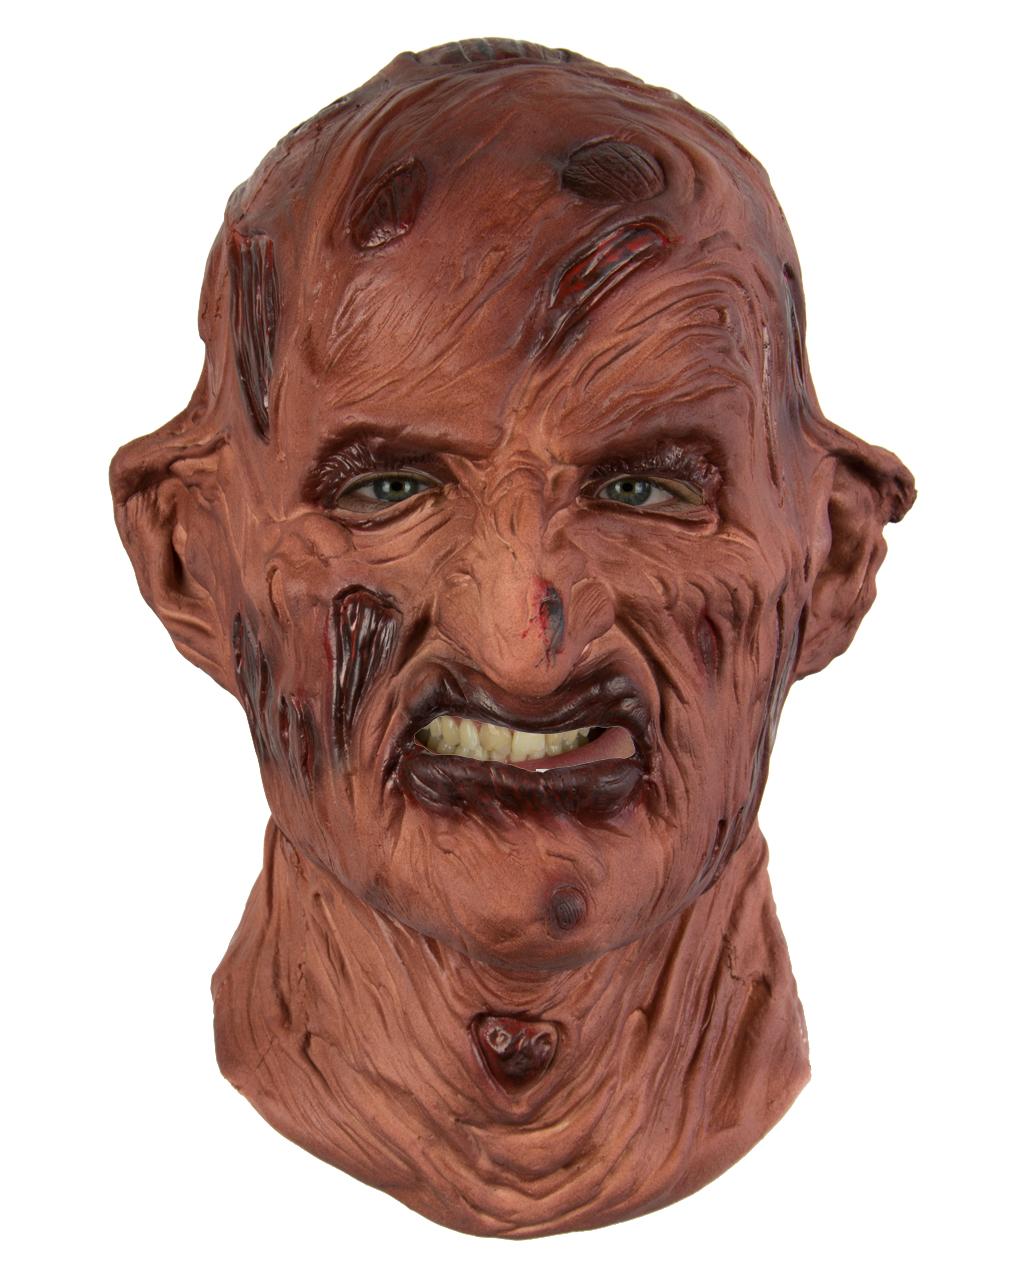 Freddy kruger latex mask